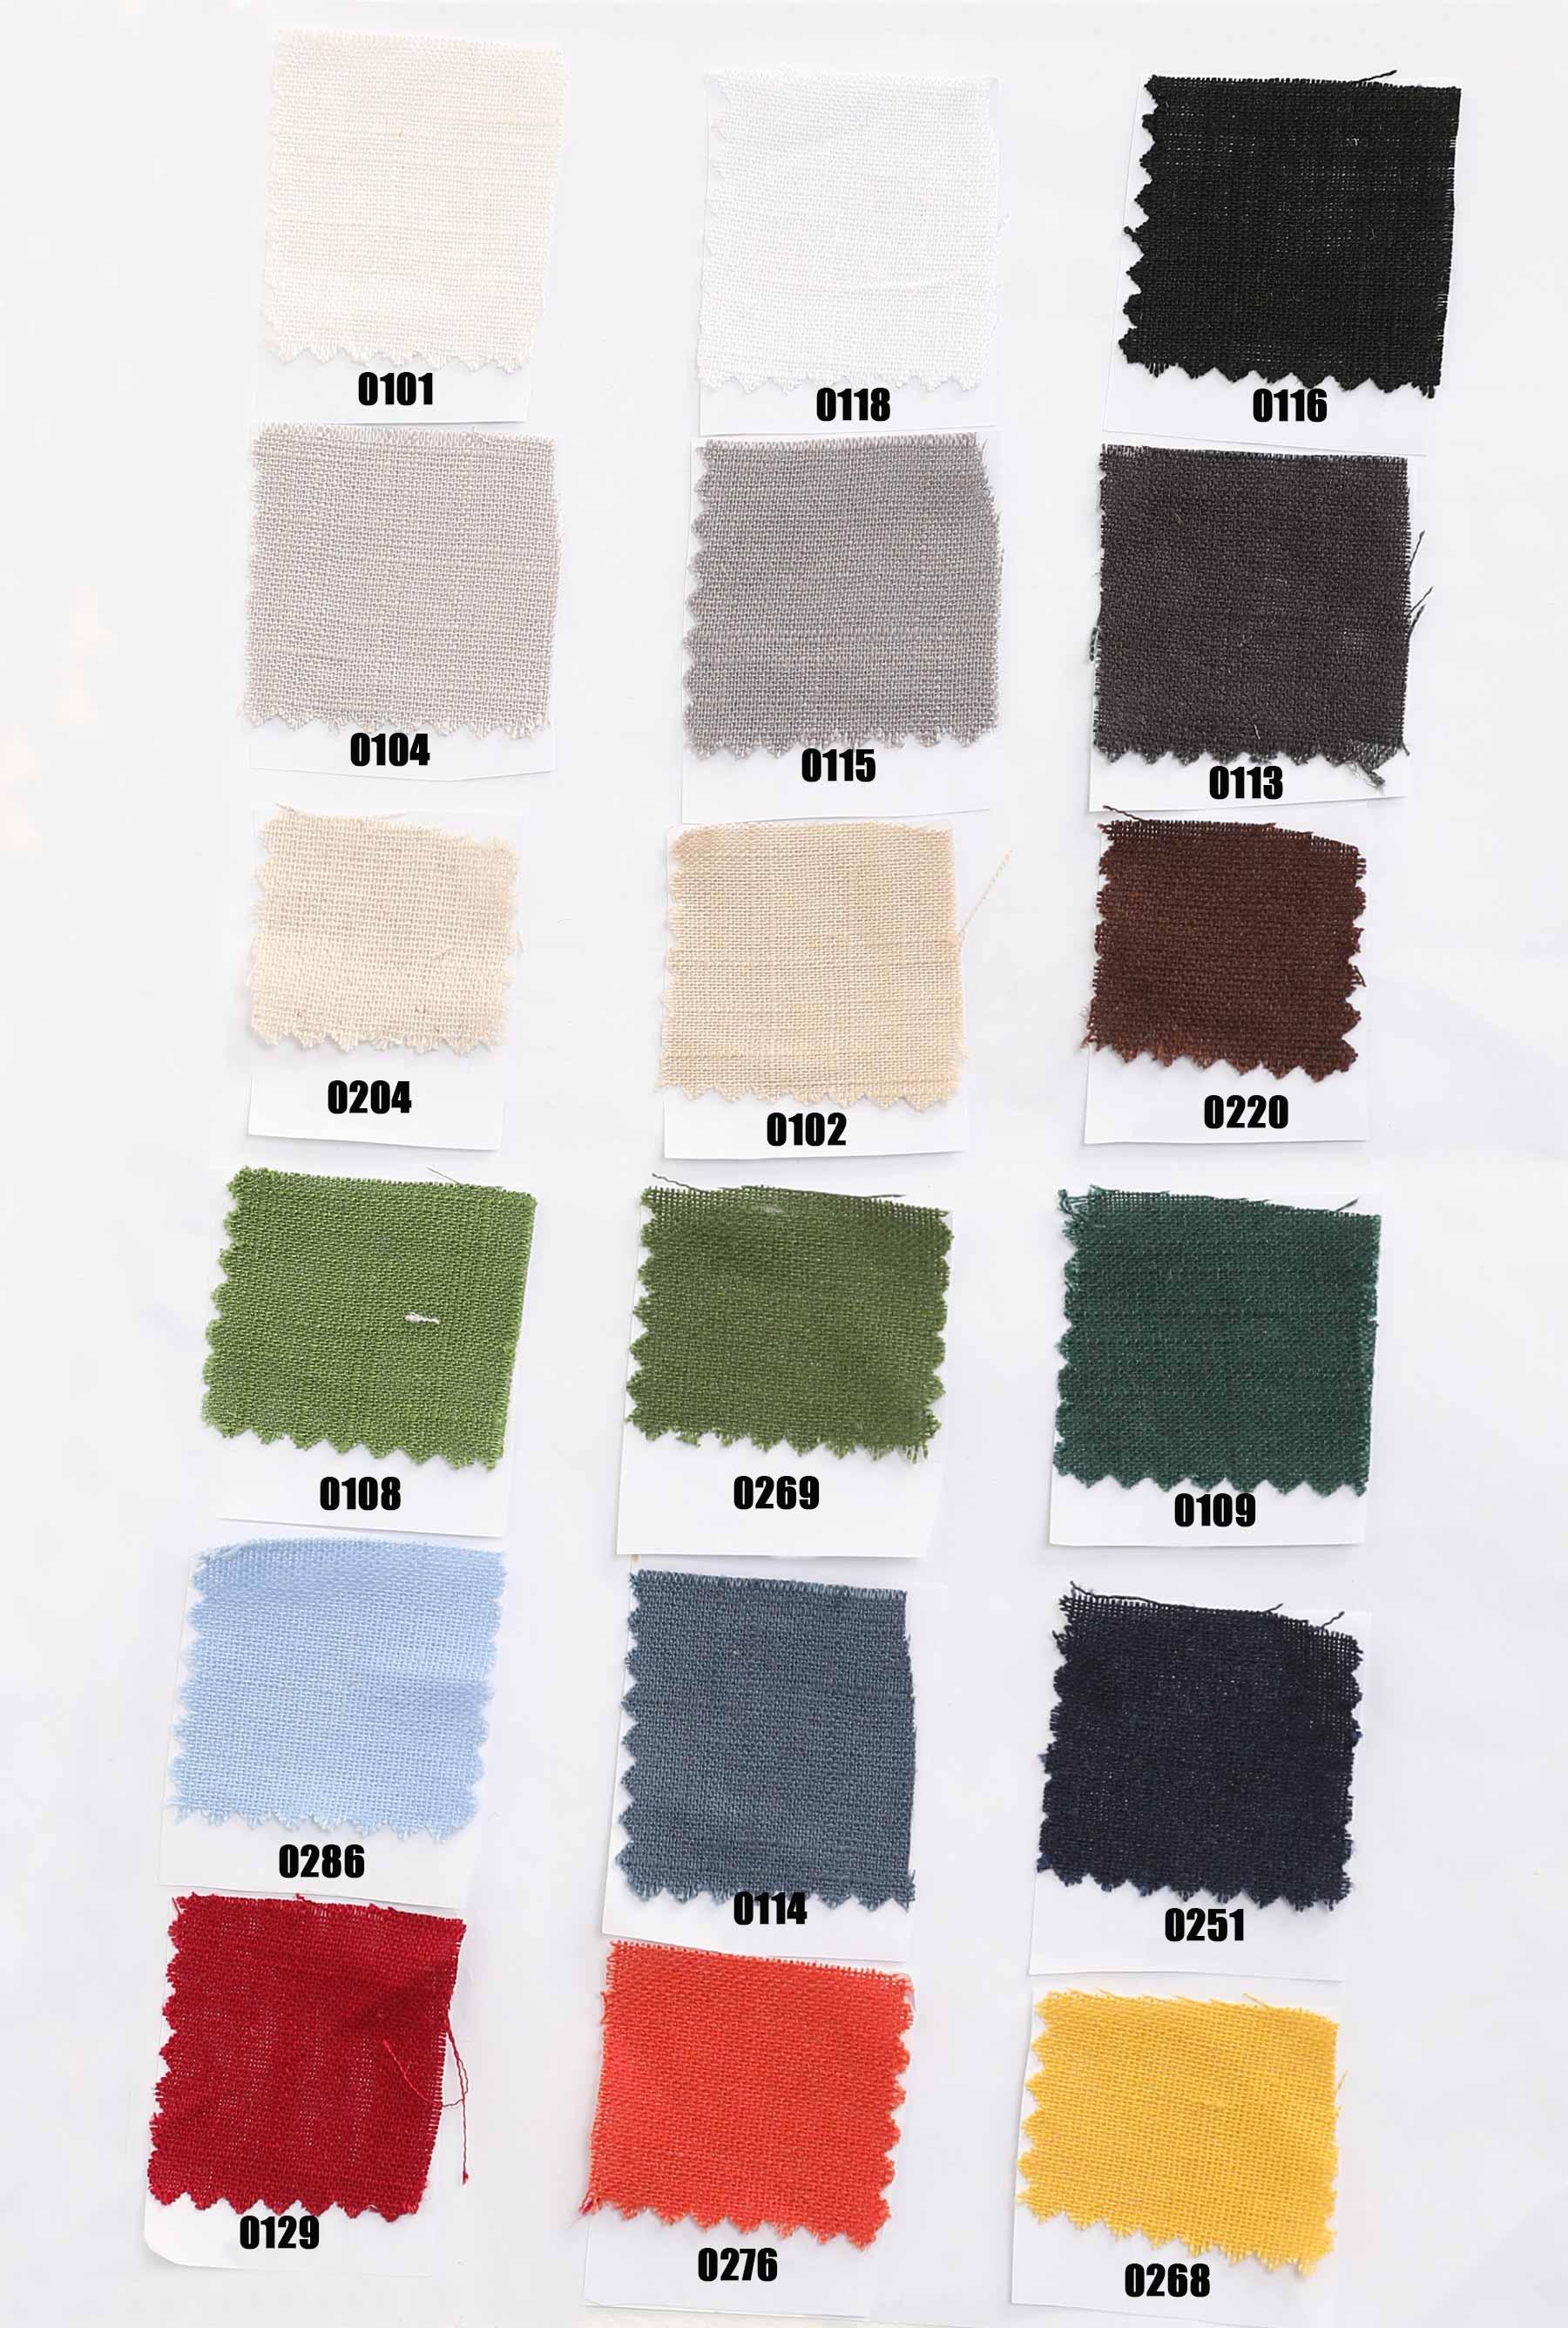 50% linen cotton blend fabric swatch